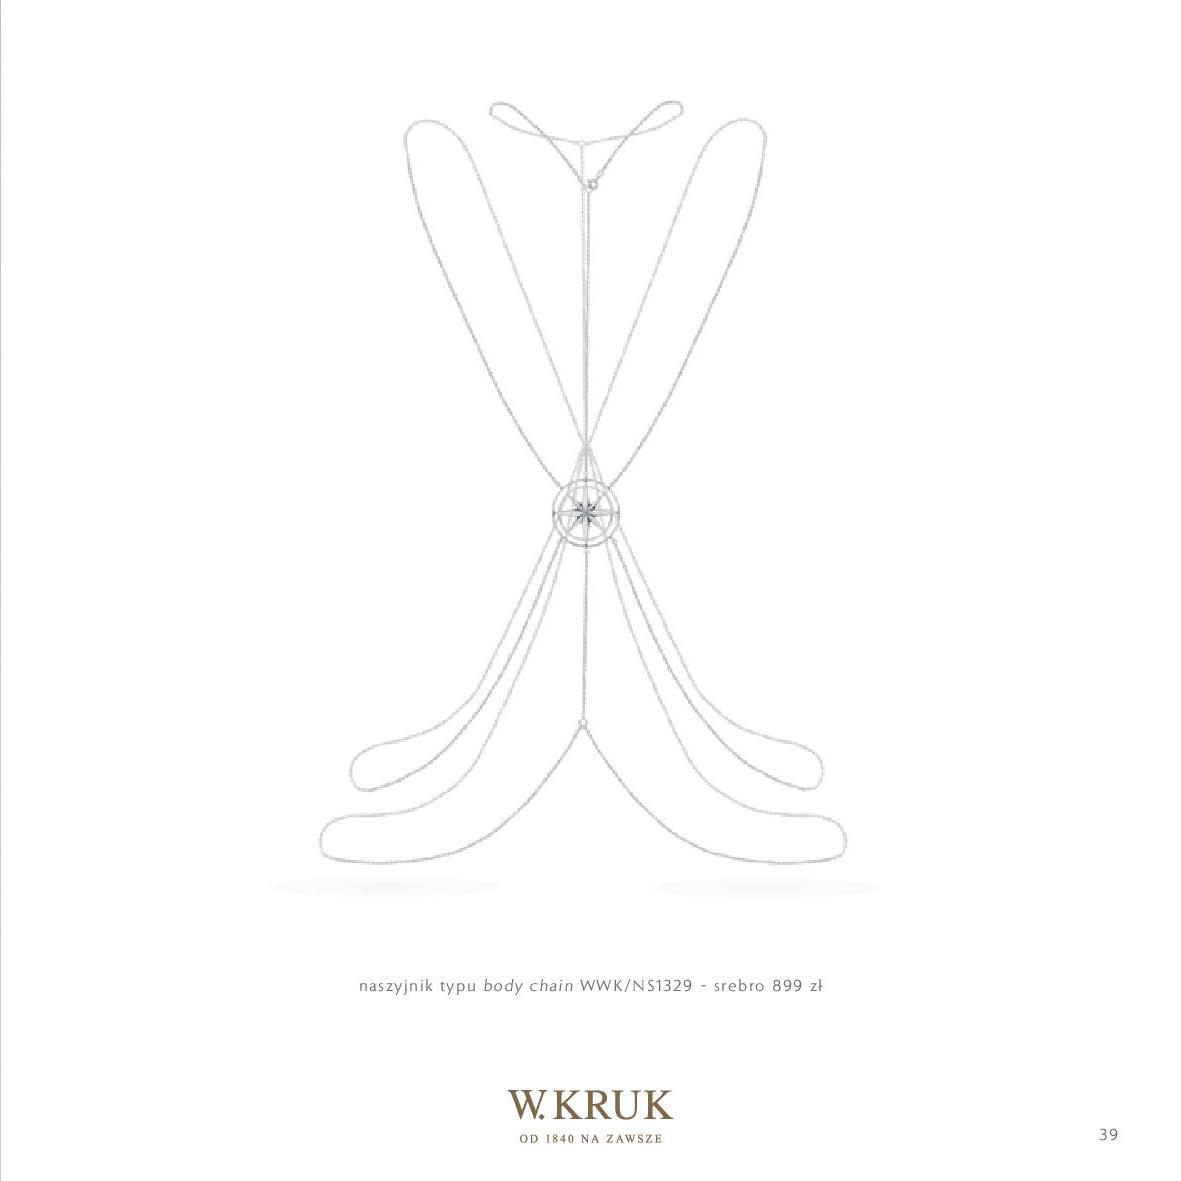 Gazetka W. KRUK: Katalog - Kolekcja Freedom 2021-02-17 page-41